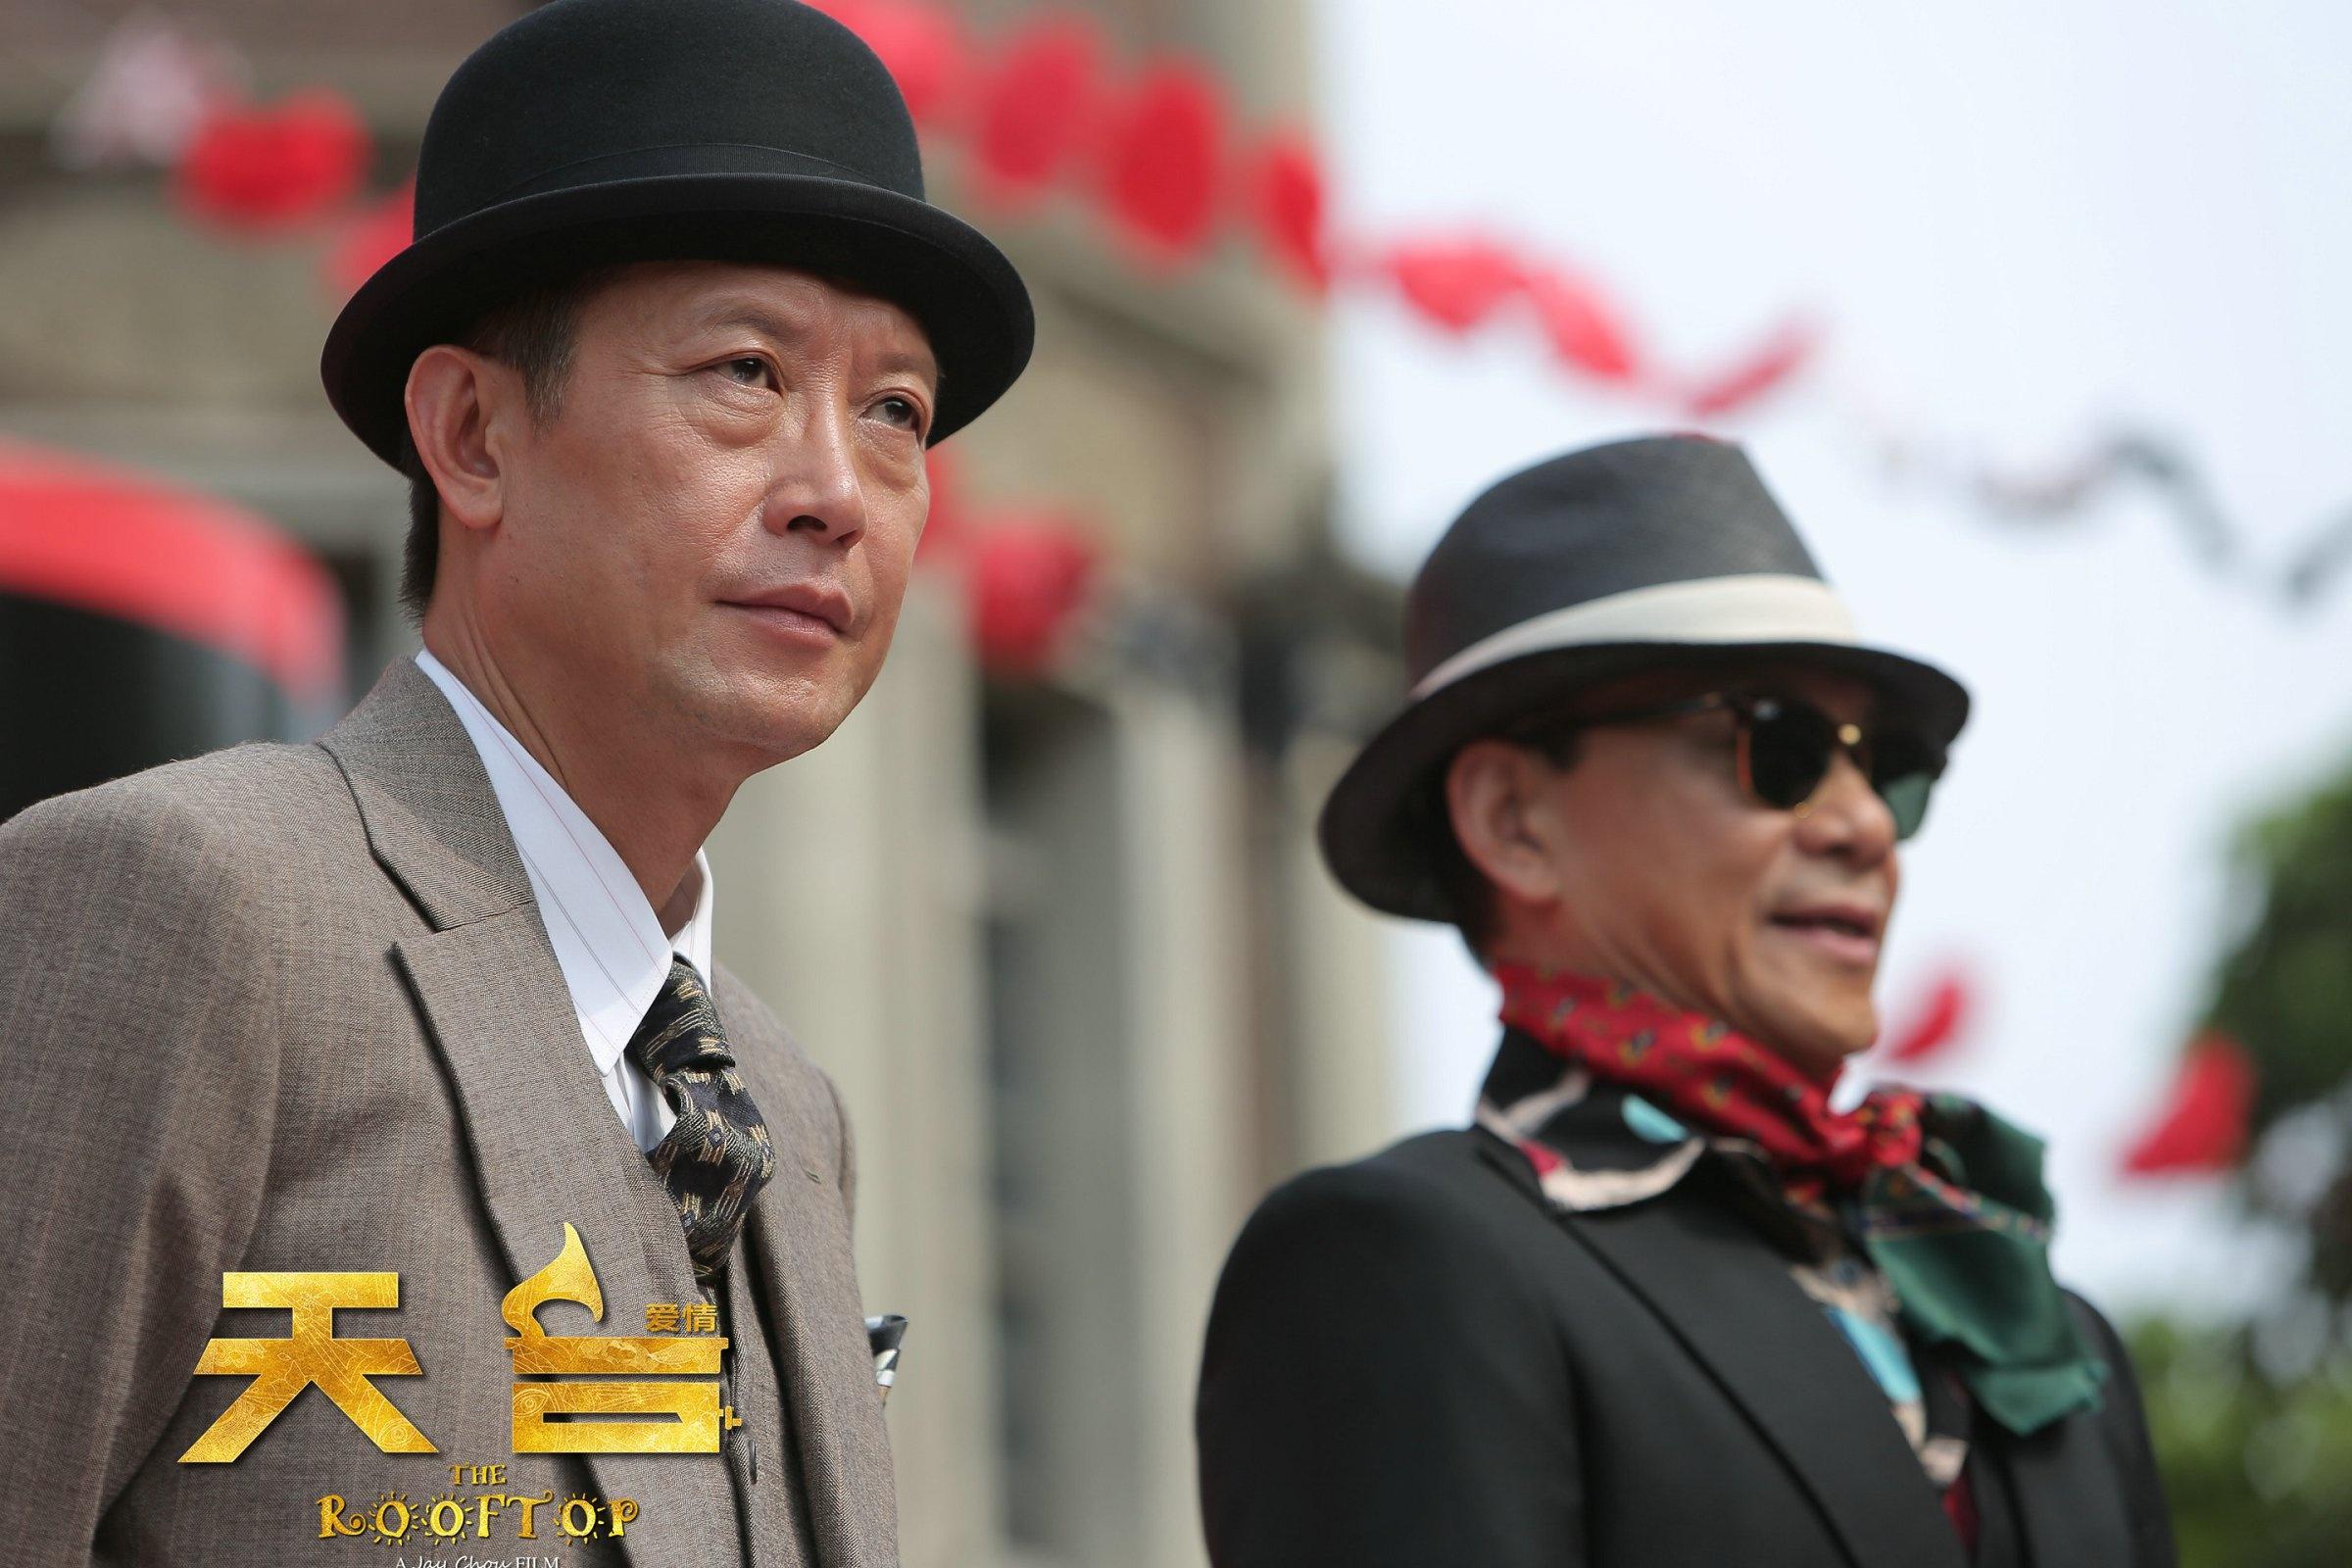 天台爱情_电影剧照_图集_电影网_1905.com